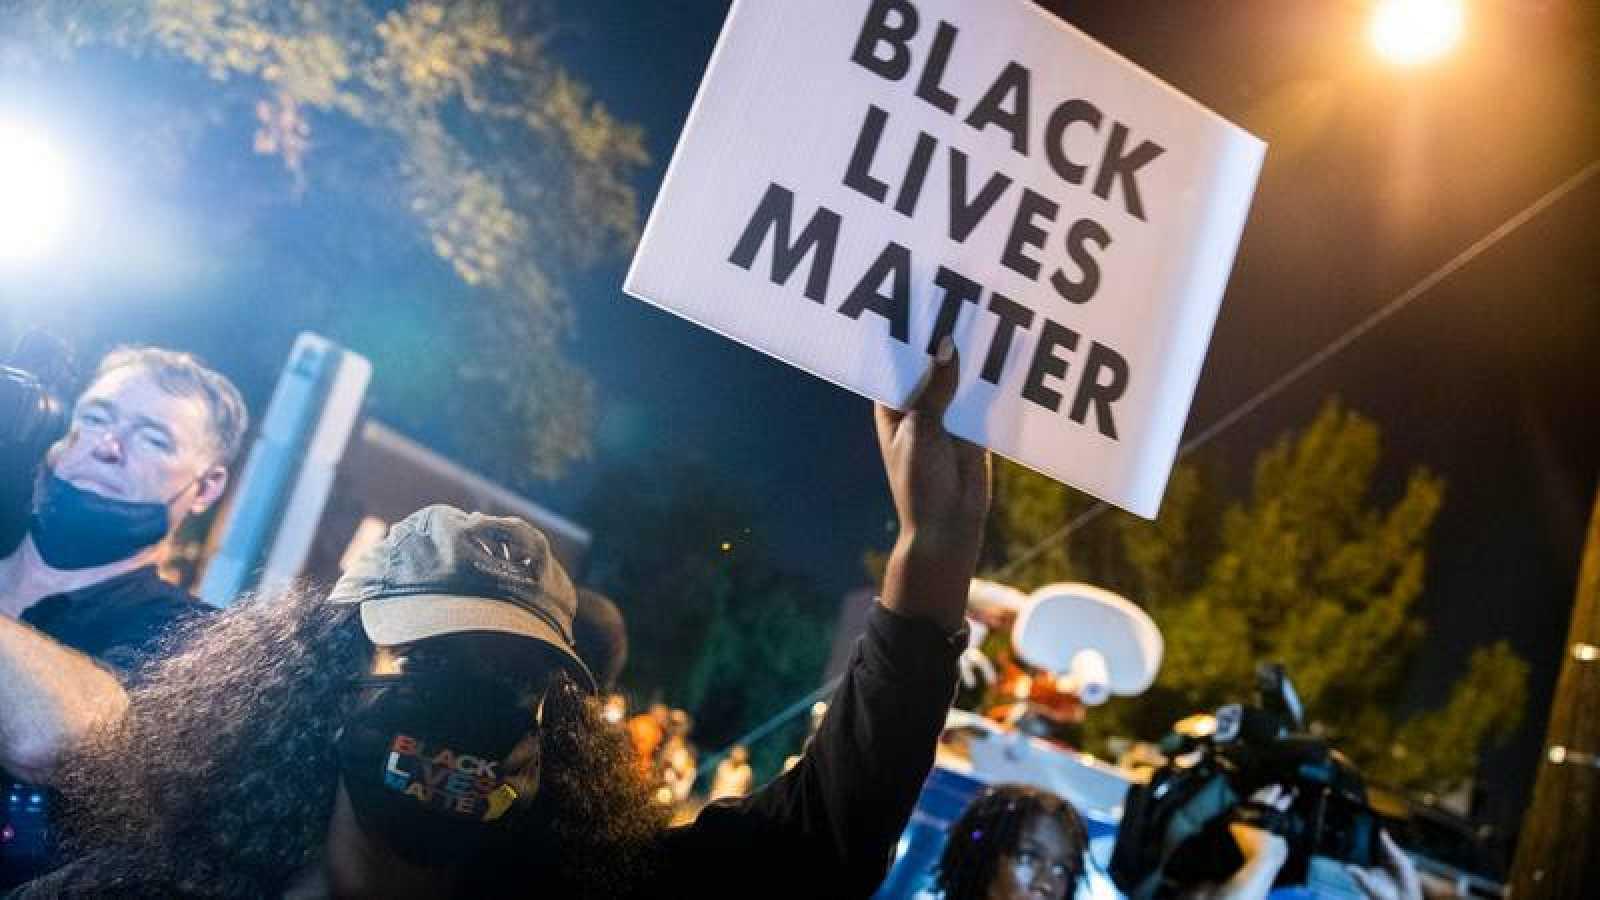 Decenas de personas se han manifestado en Washington DC contra la brutalidad policial